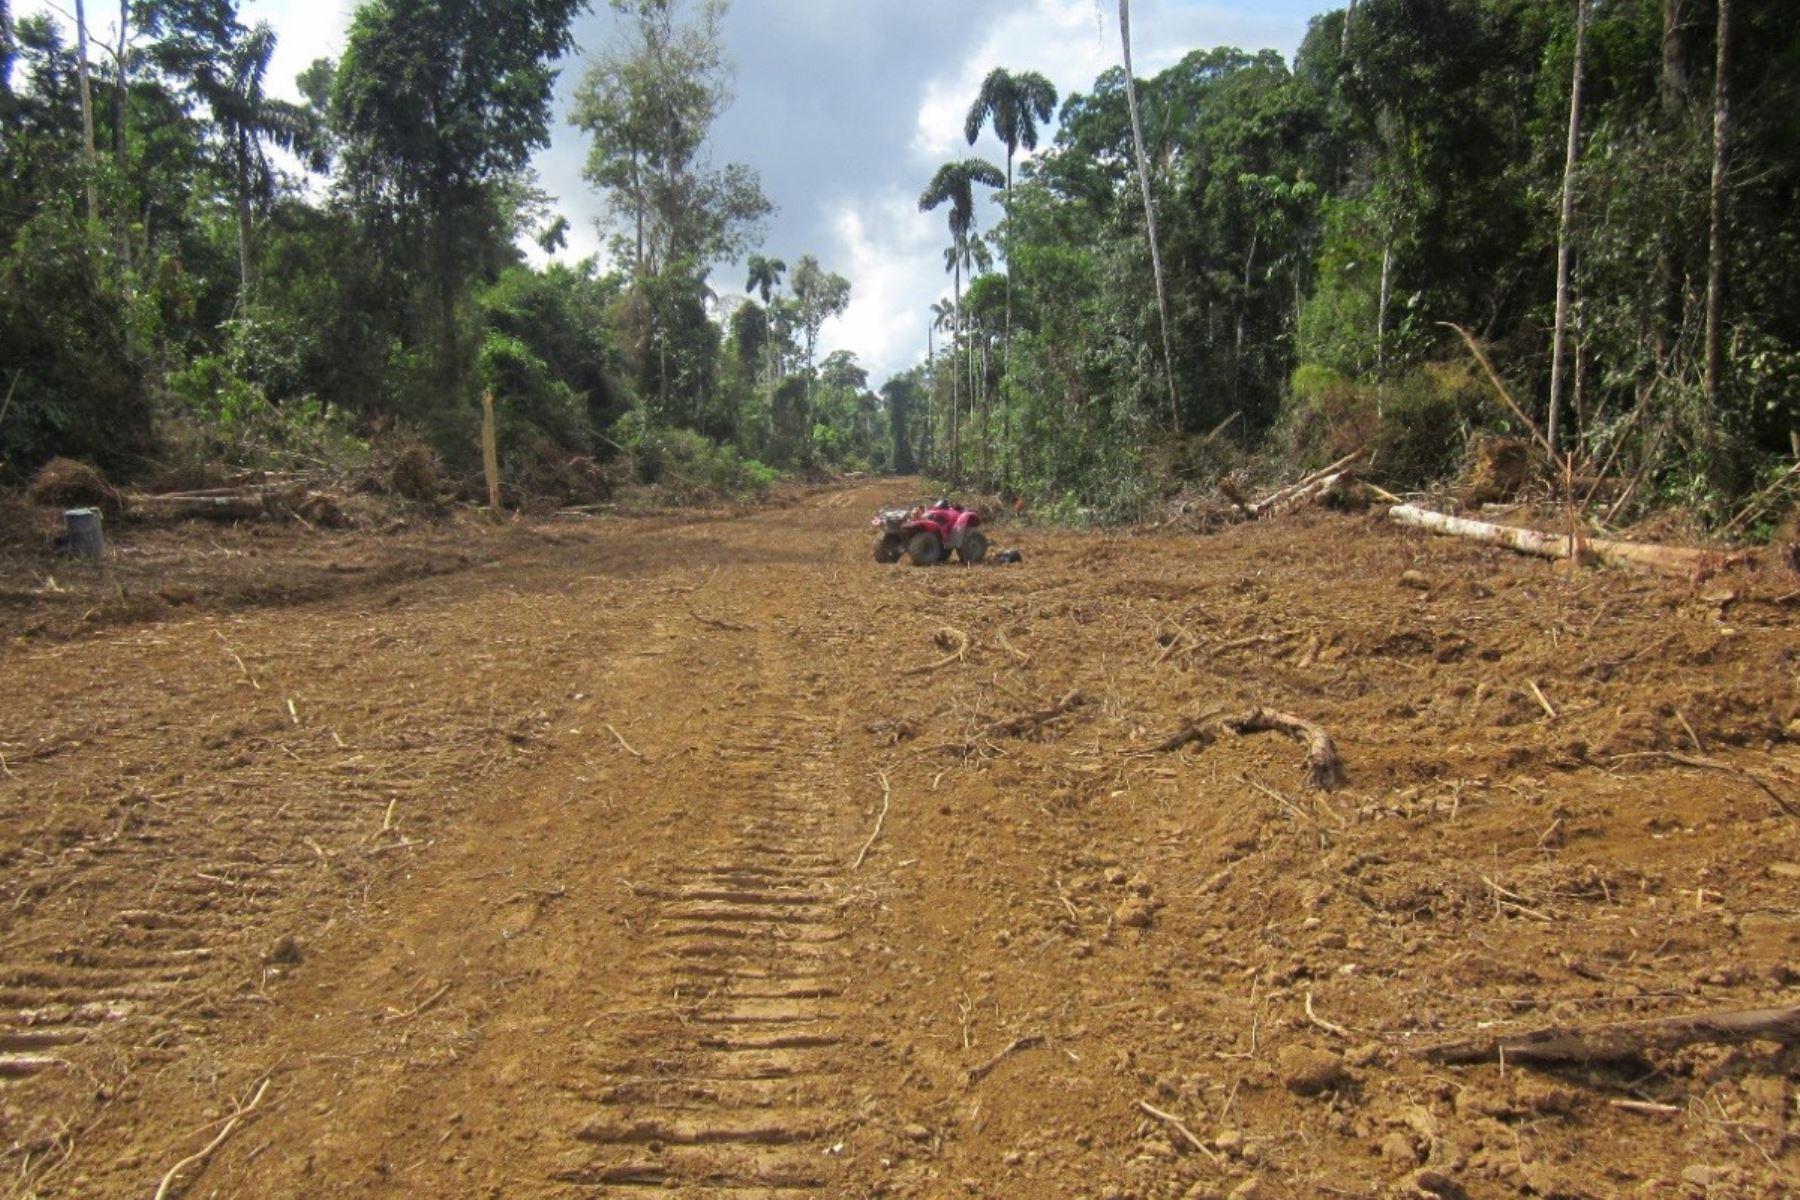 Gobierno no permitirá construcción de carreteras en parques nacionales y reservas indígenas. ANDINA/archivo